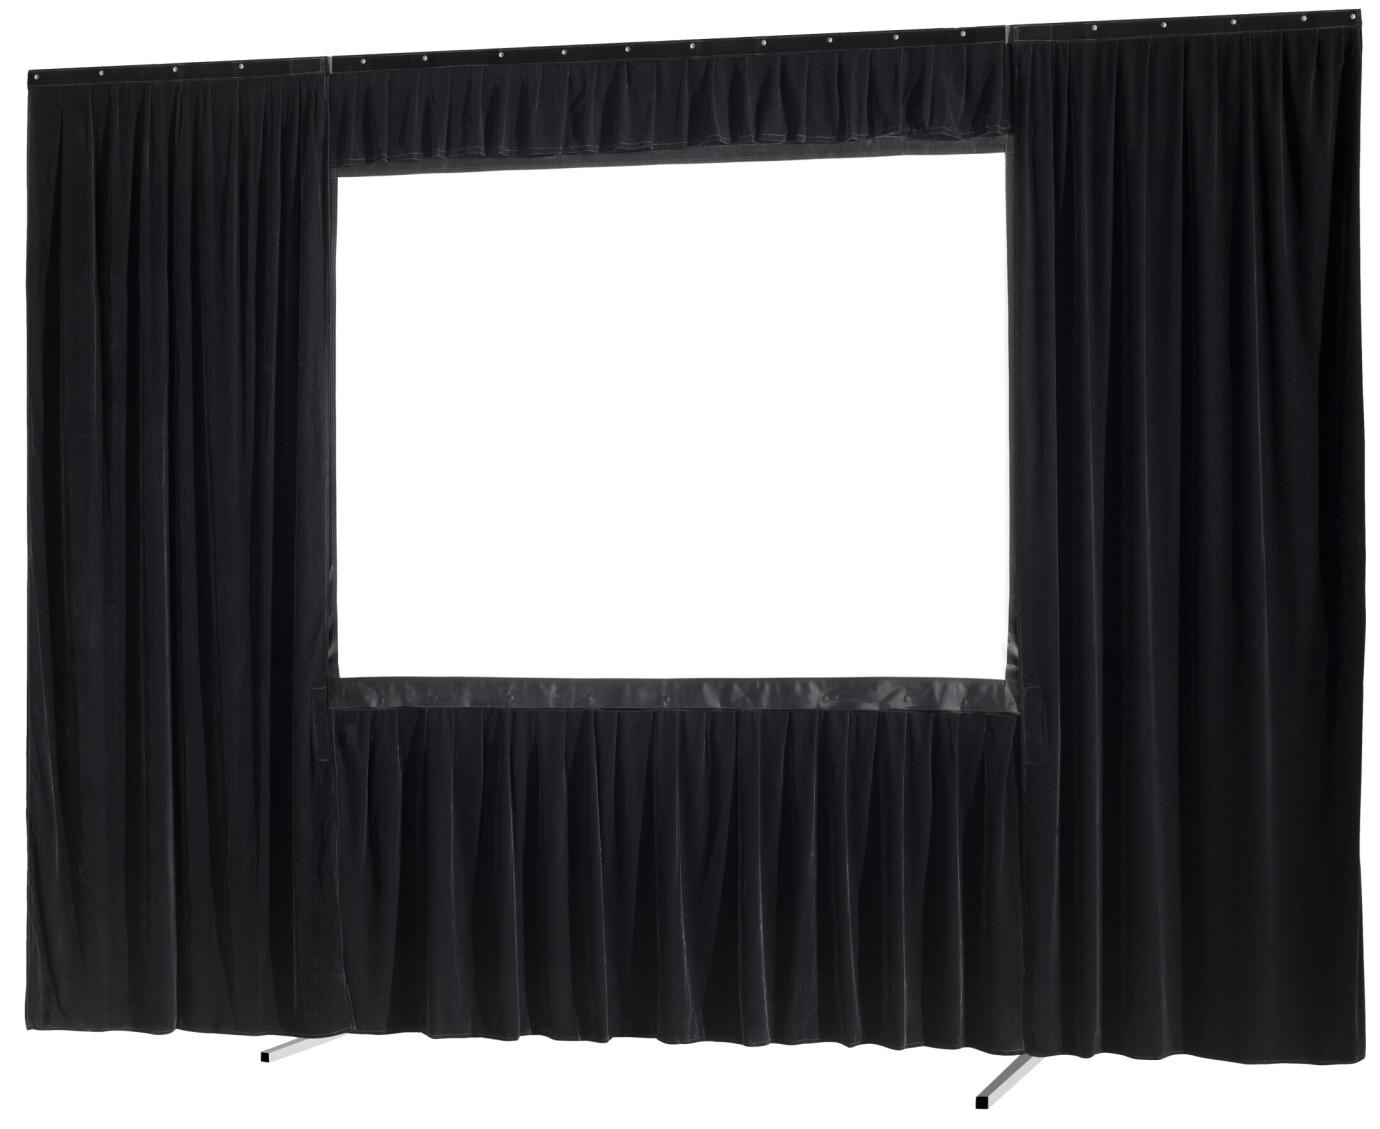 Set tenda 4 lati per schermo pieghevole Mobil Expert 244 x 137 cm